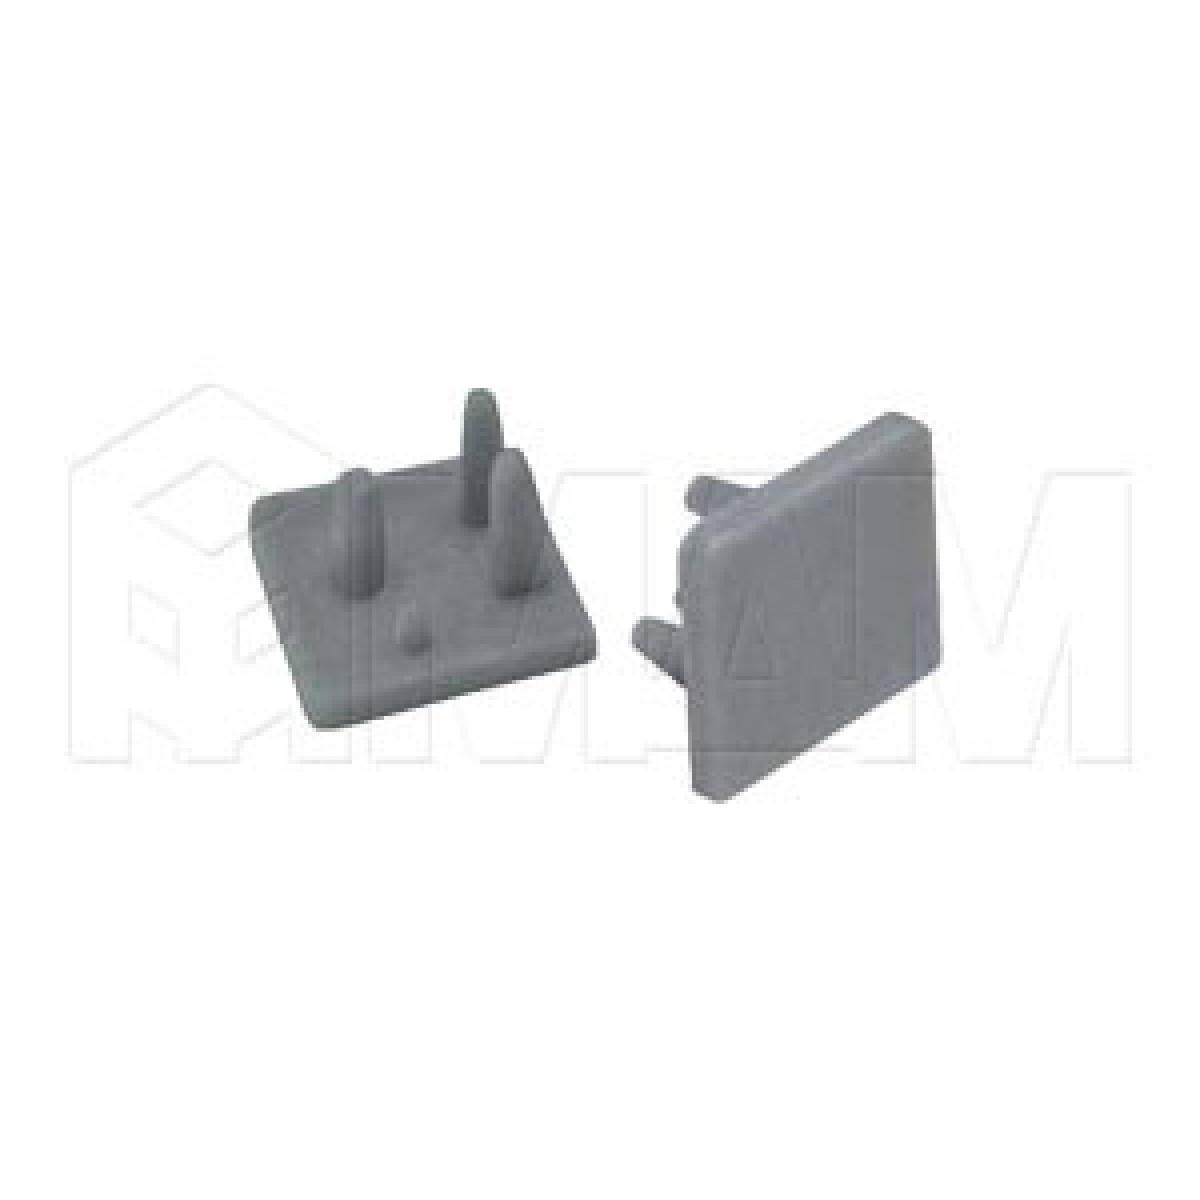 PS22 Пластиковая заглушка для напр. 15 мм, комп. лев./прав.